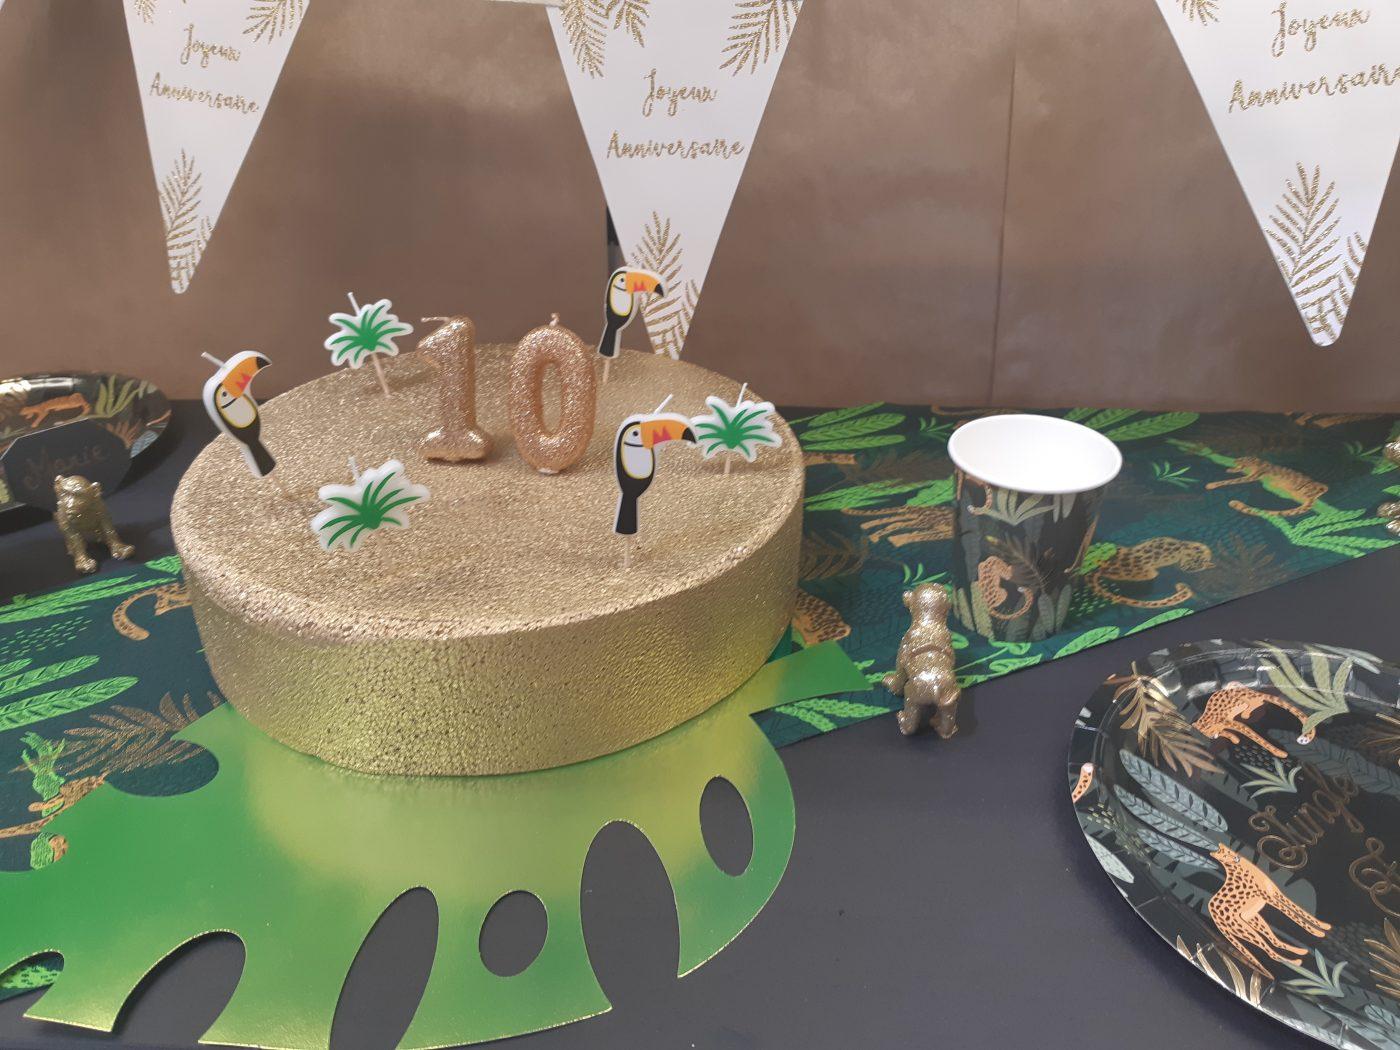 La deco jungle pour ton anniversaire!!!!!